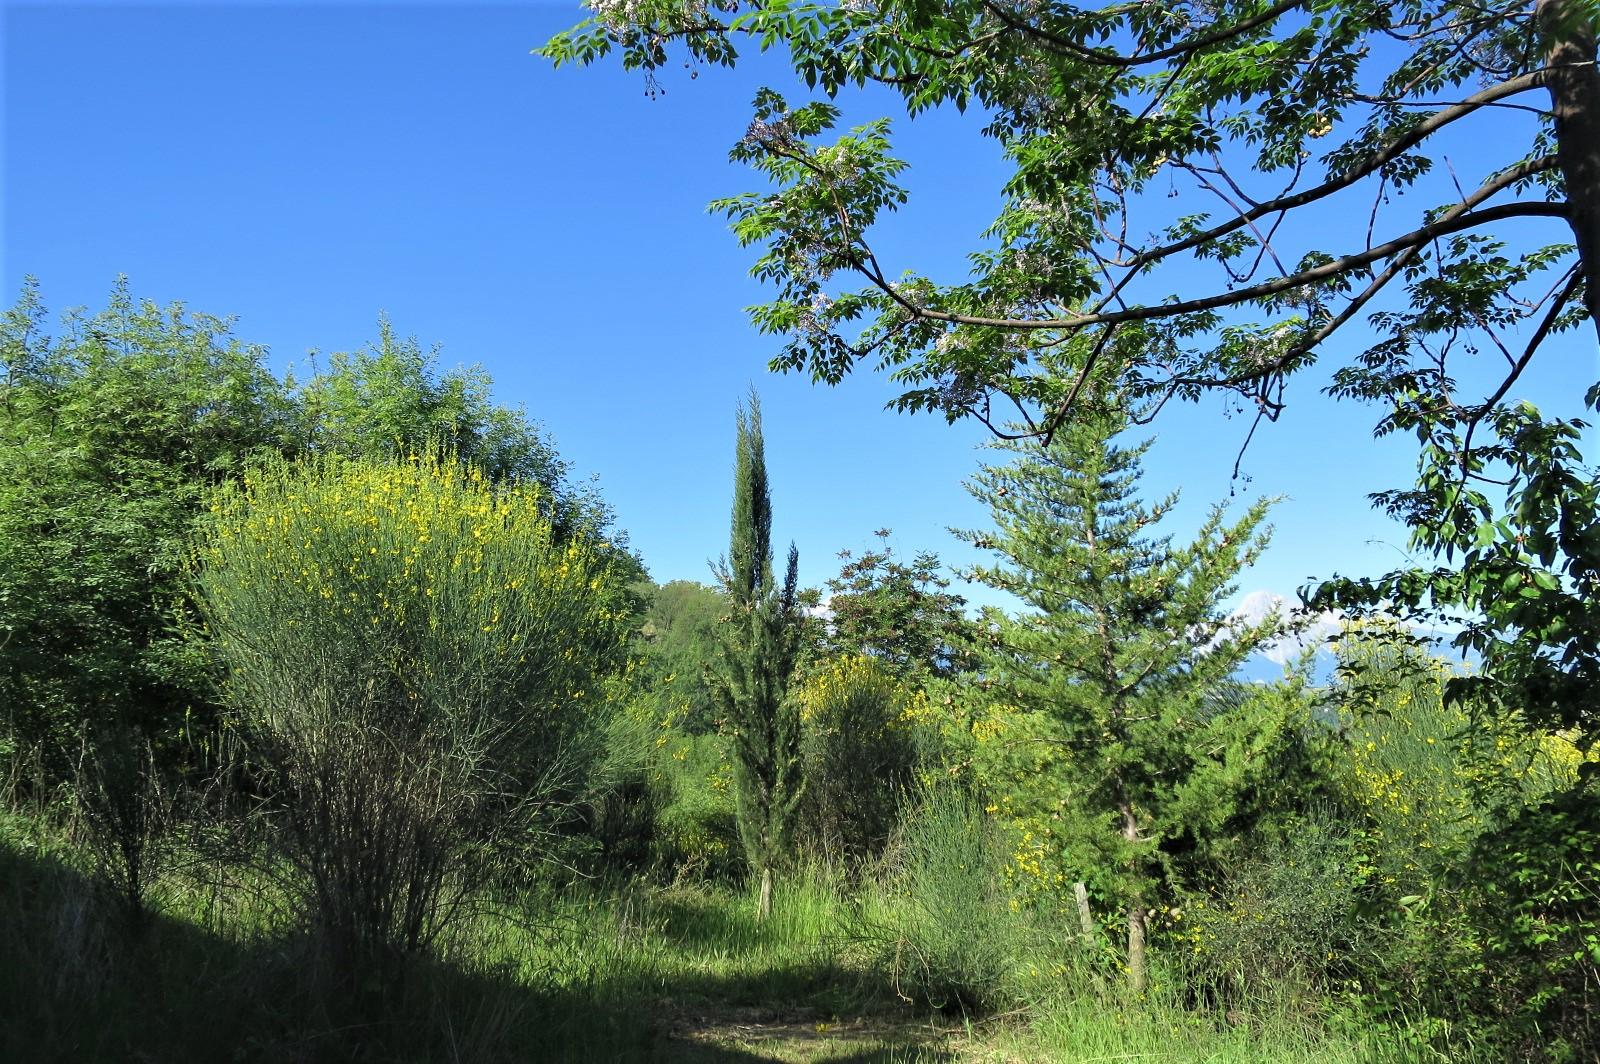 Country Houses Country Houses for sale Castiglione Messer Raimondo (TE), Casa Paradiso - Castiglione Messer Raimondo - EUR 181.096 580